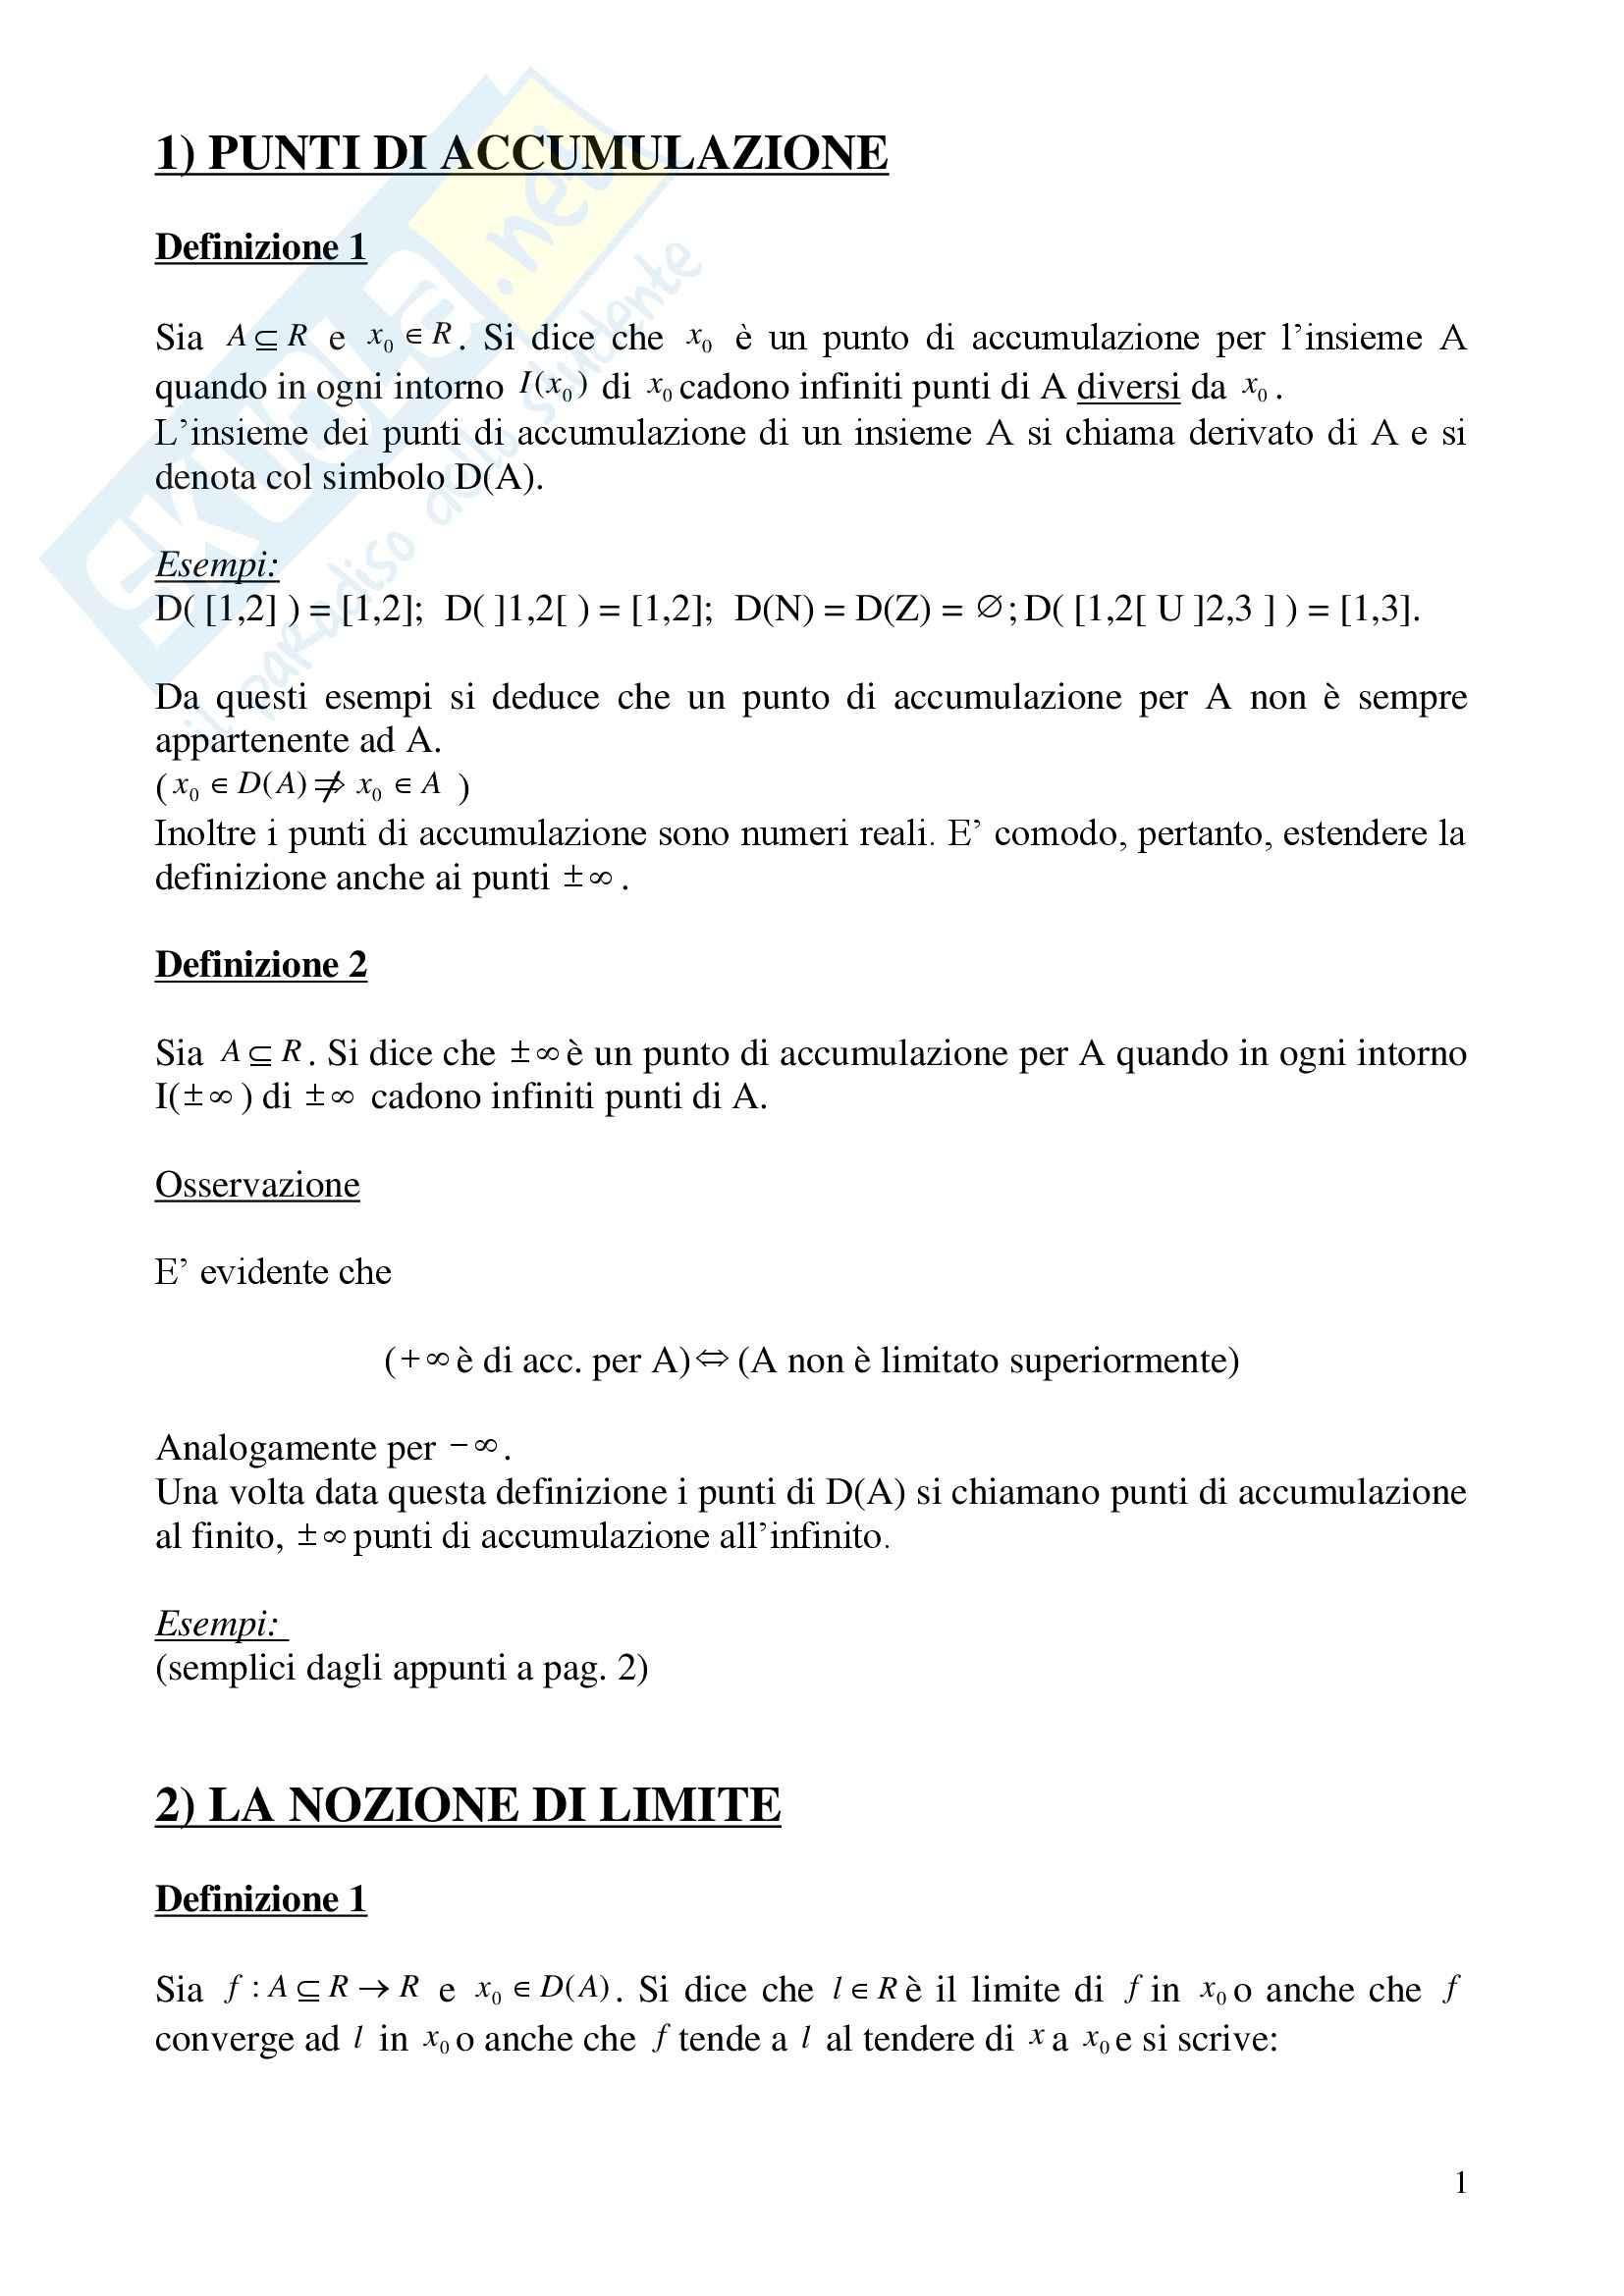 Analisi matematica I - i punti di accumulazione